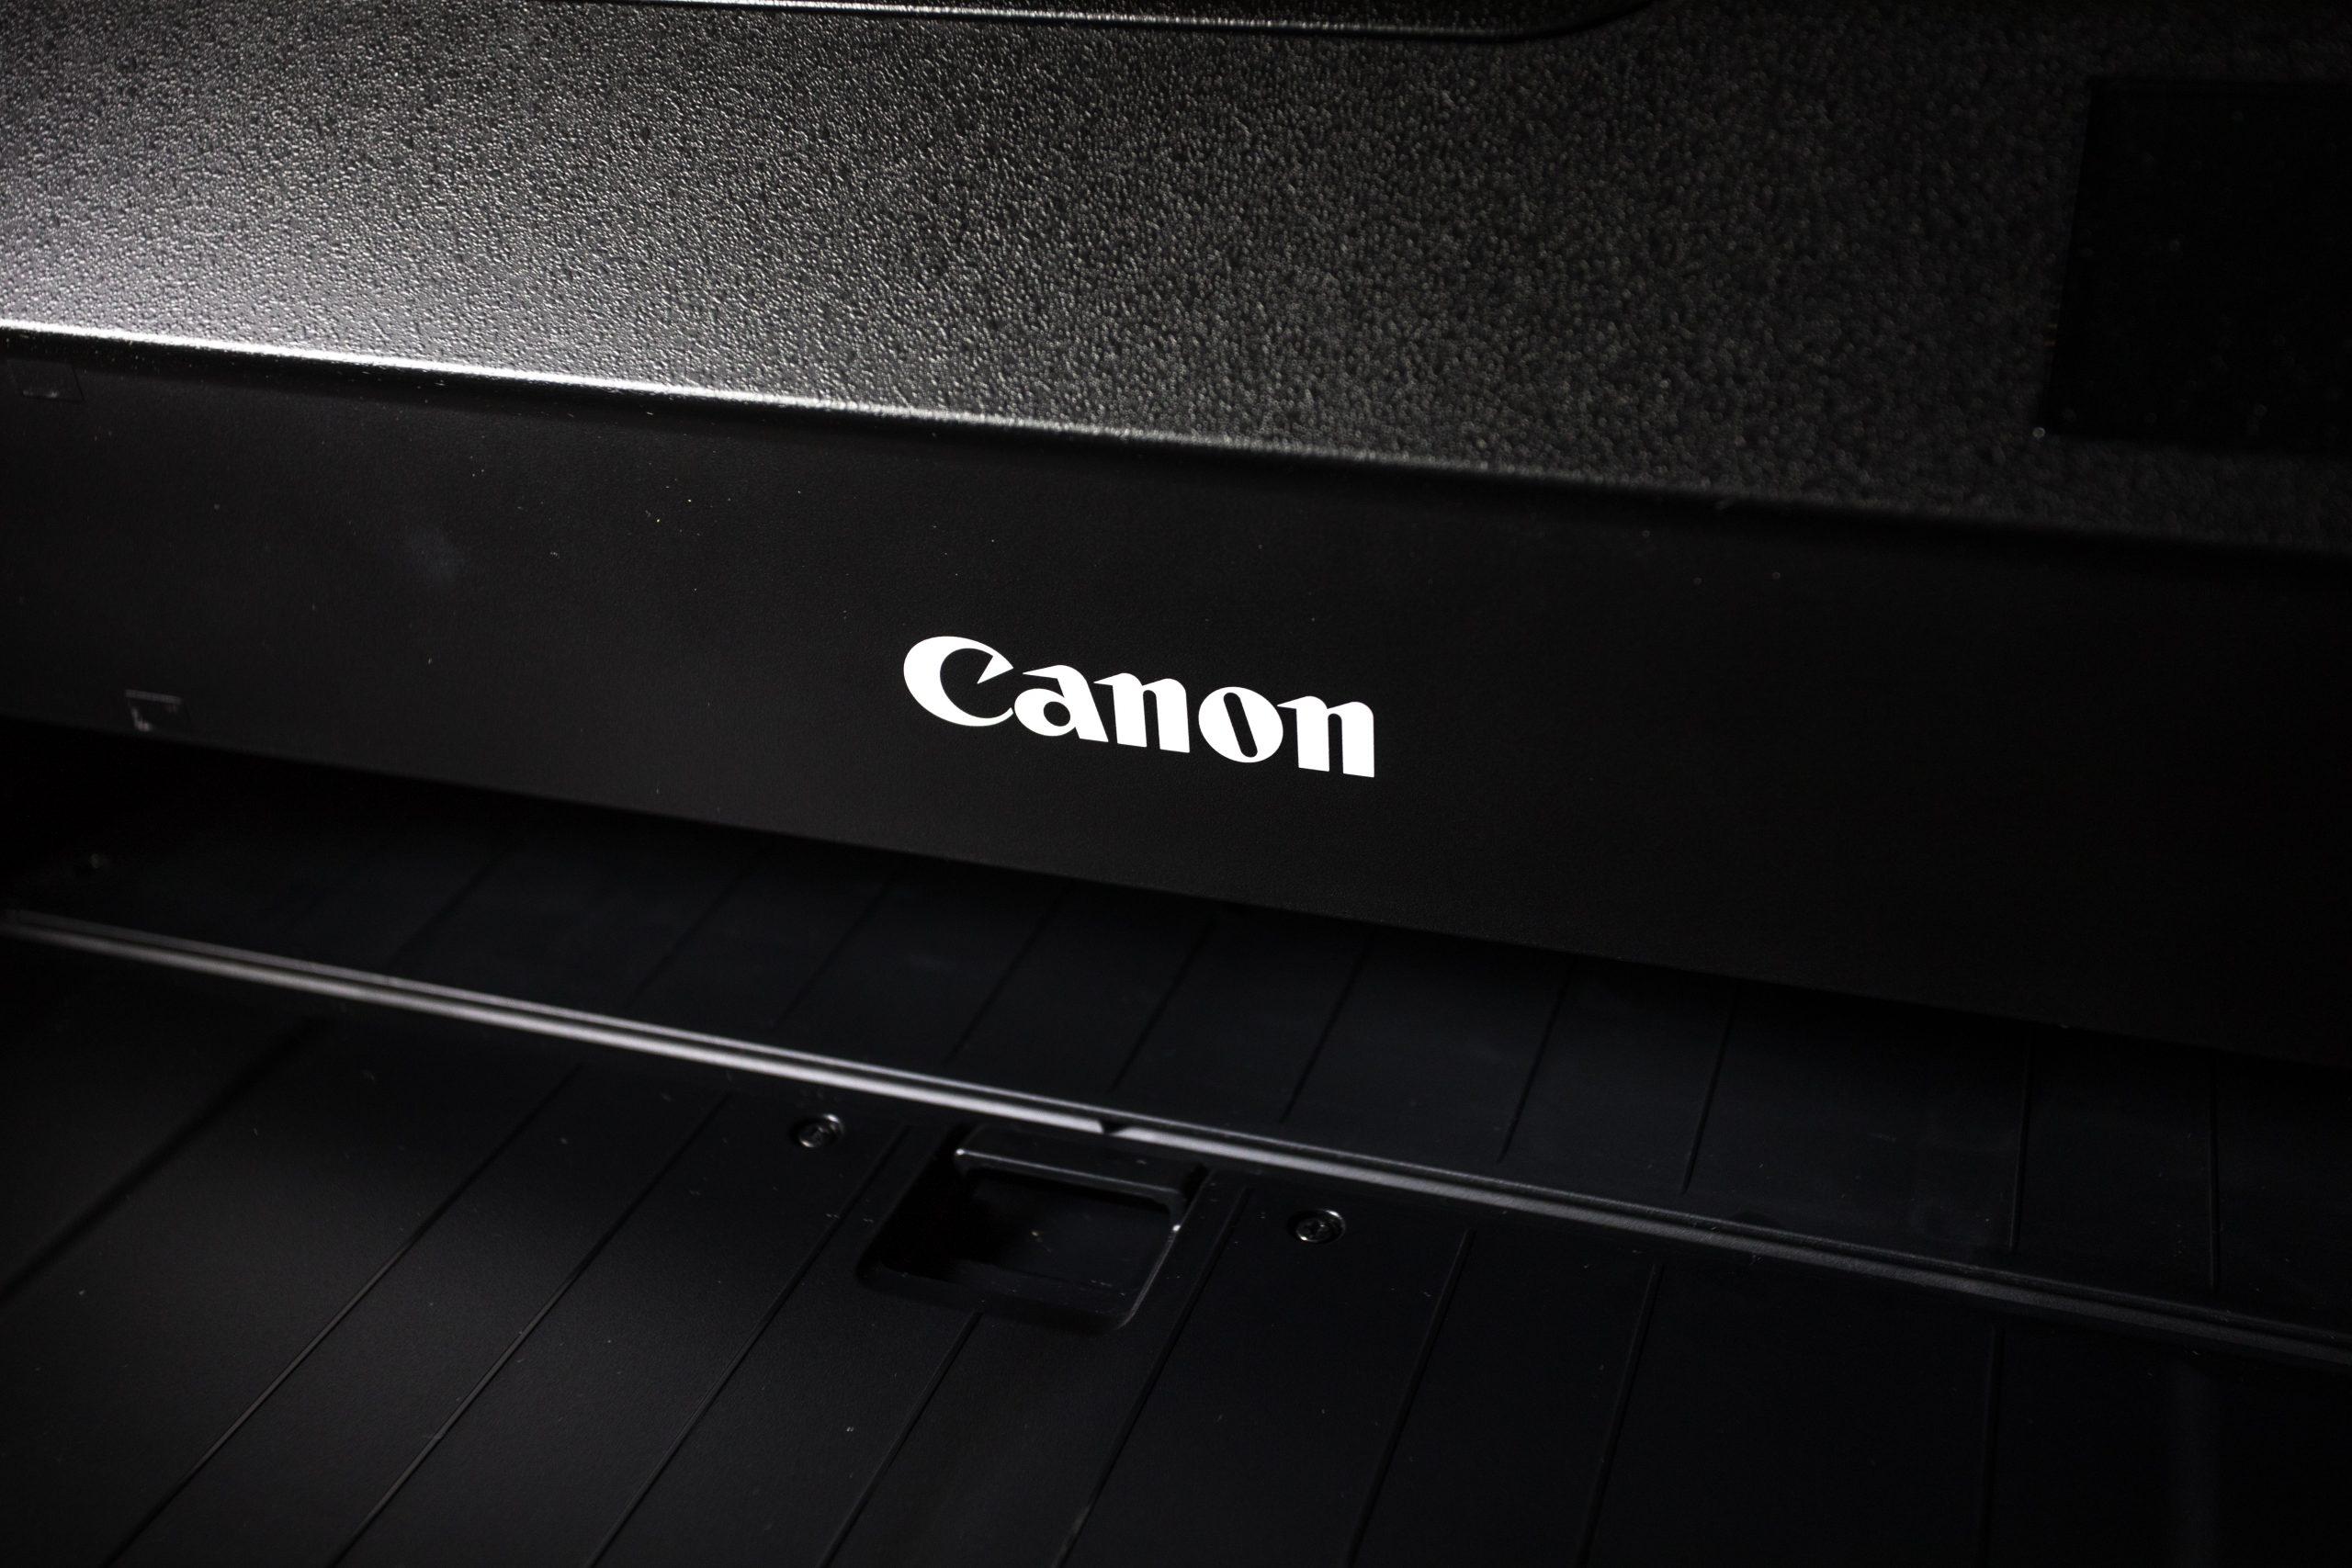 Impresoras Canon: ¿Cuál es la mejor del 2021?